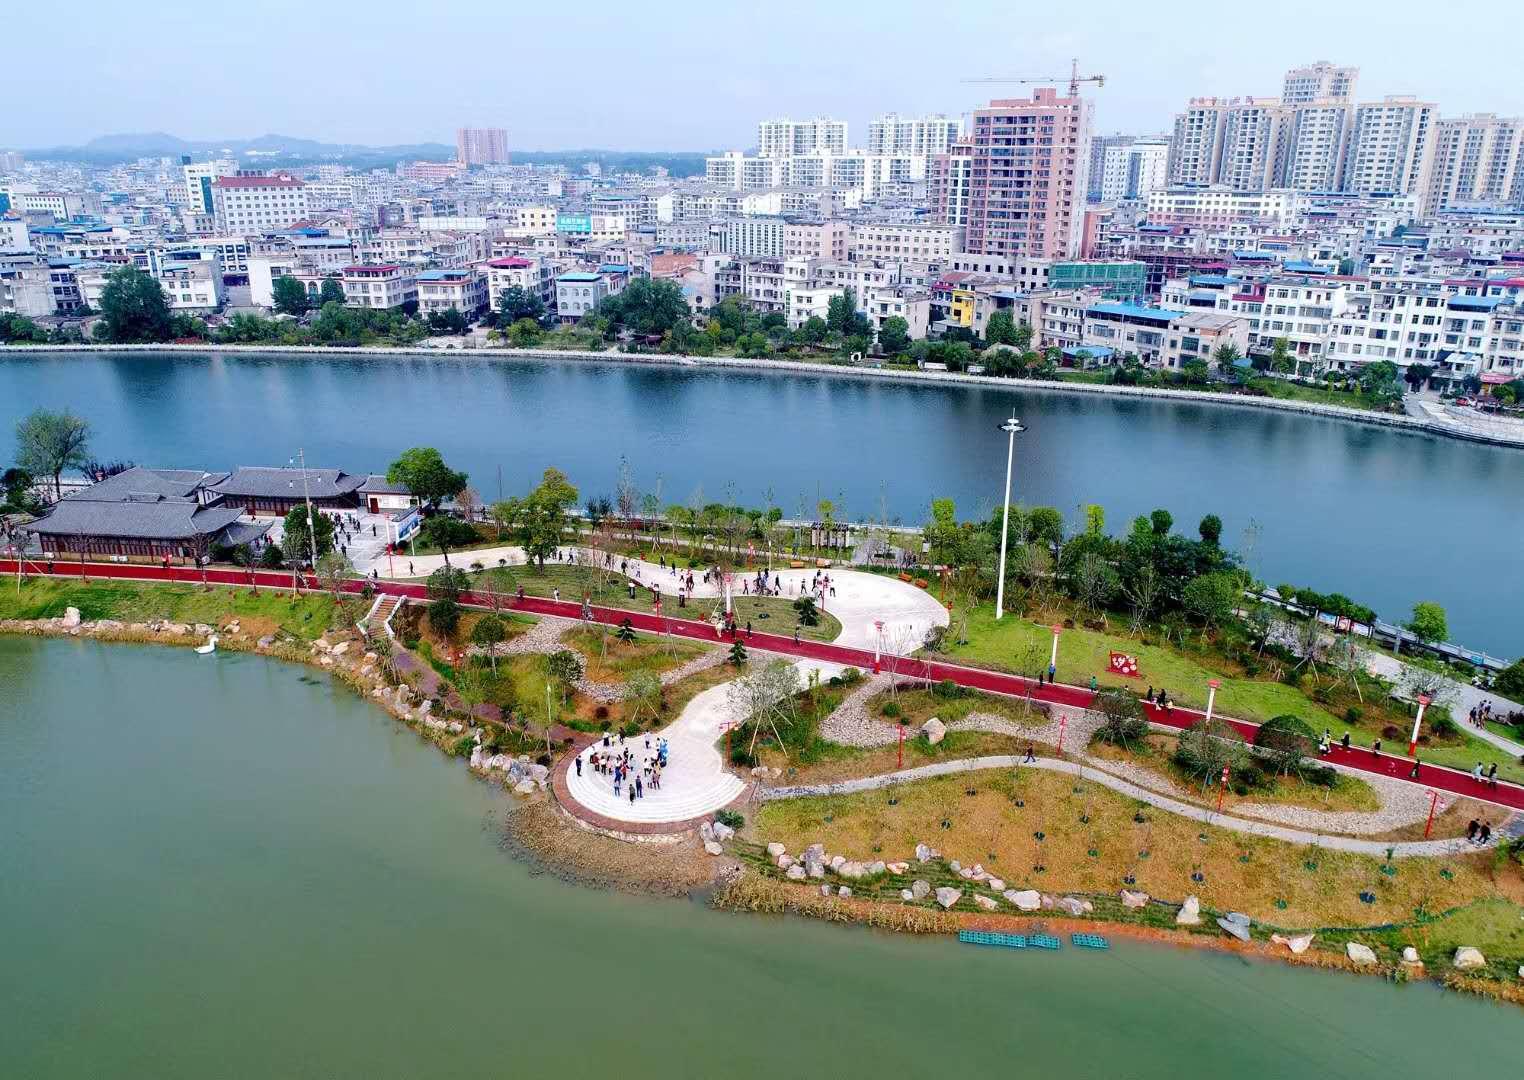 我县首个城市公园—秀水公园盛大开园 引近万名游客畅游